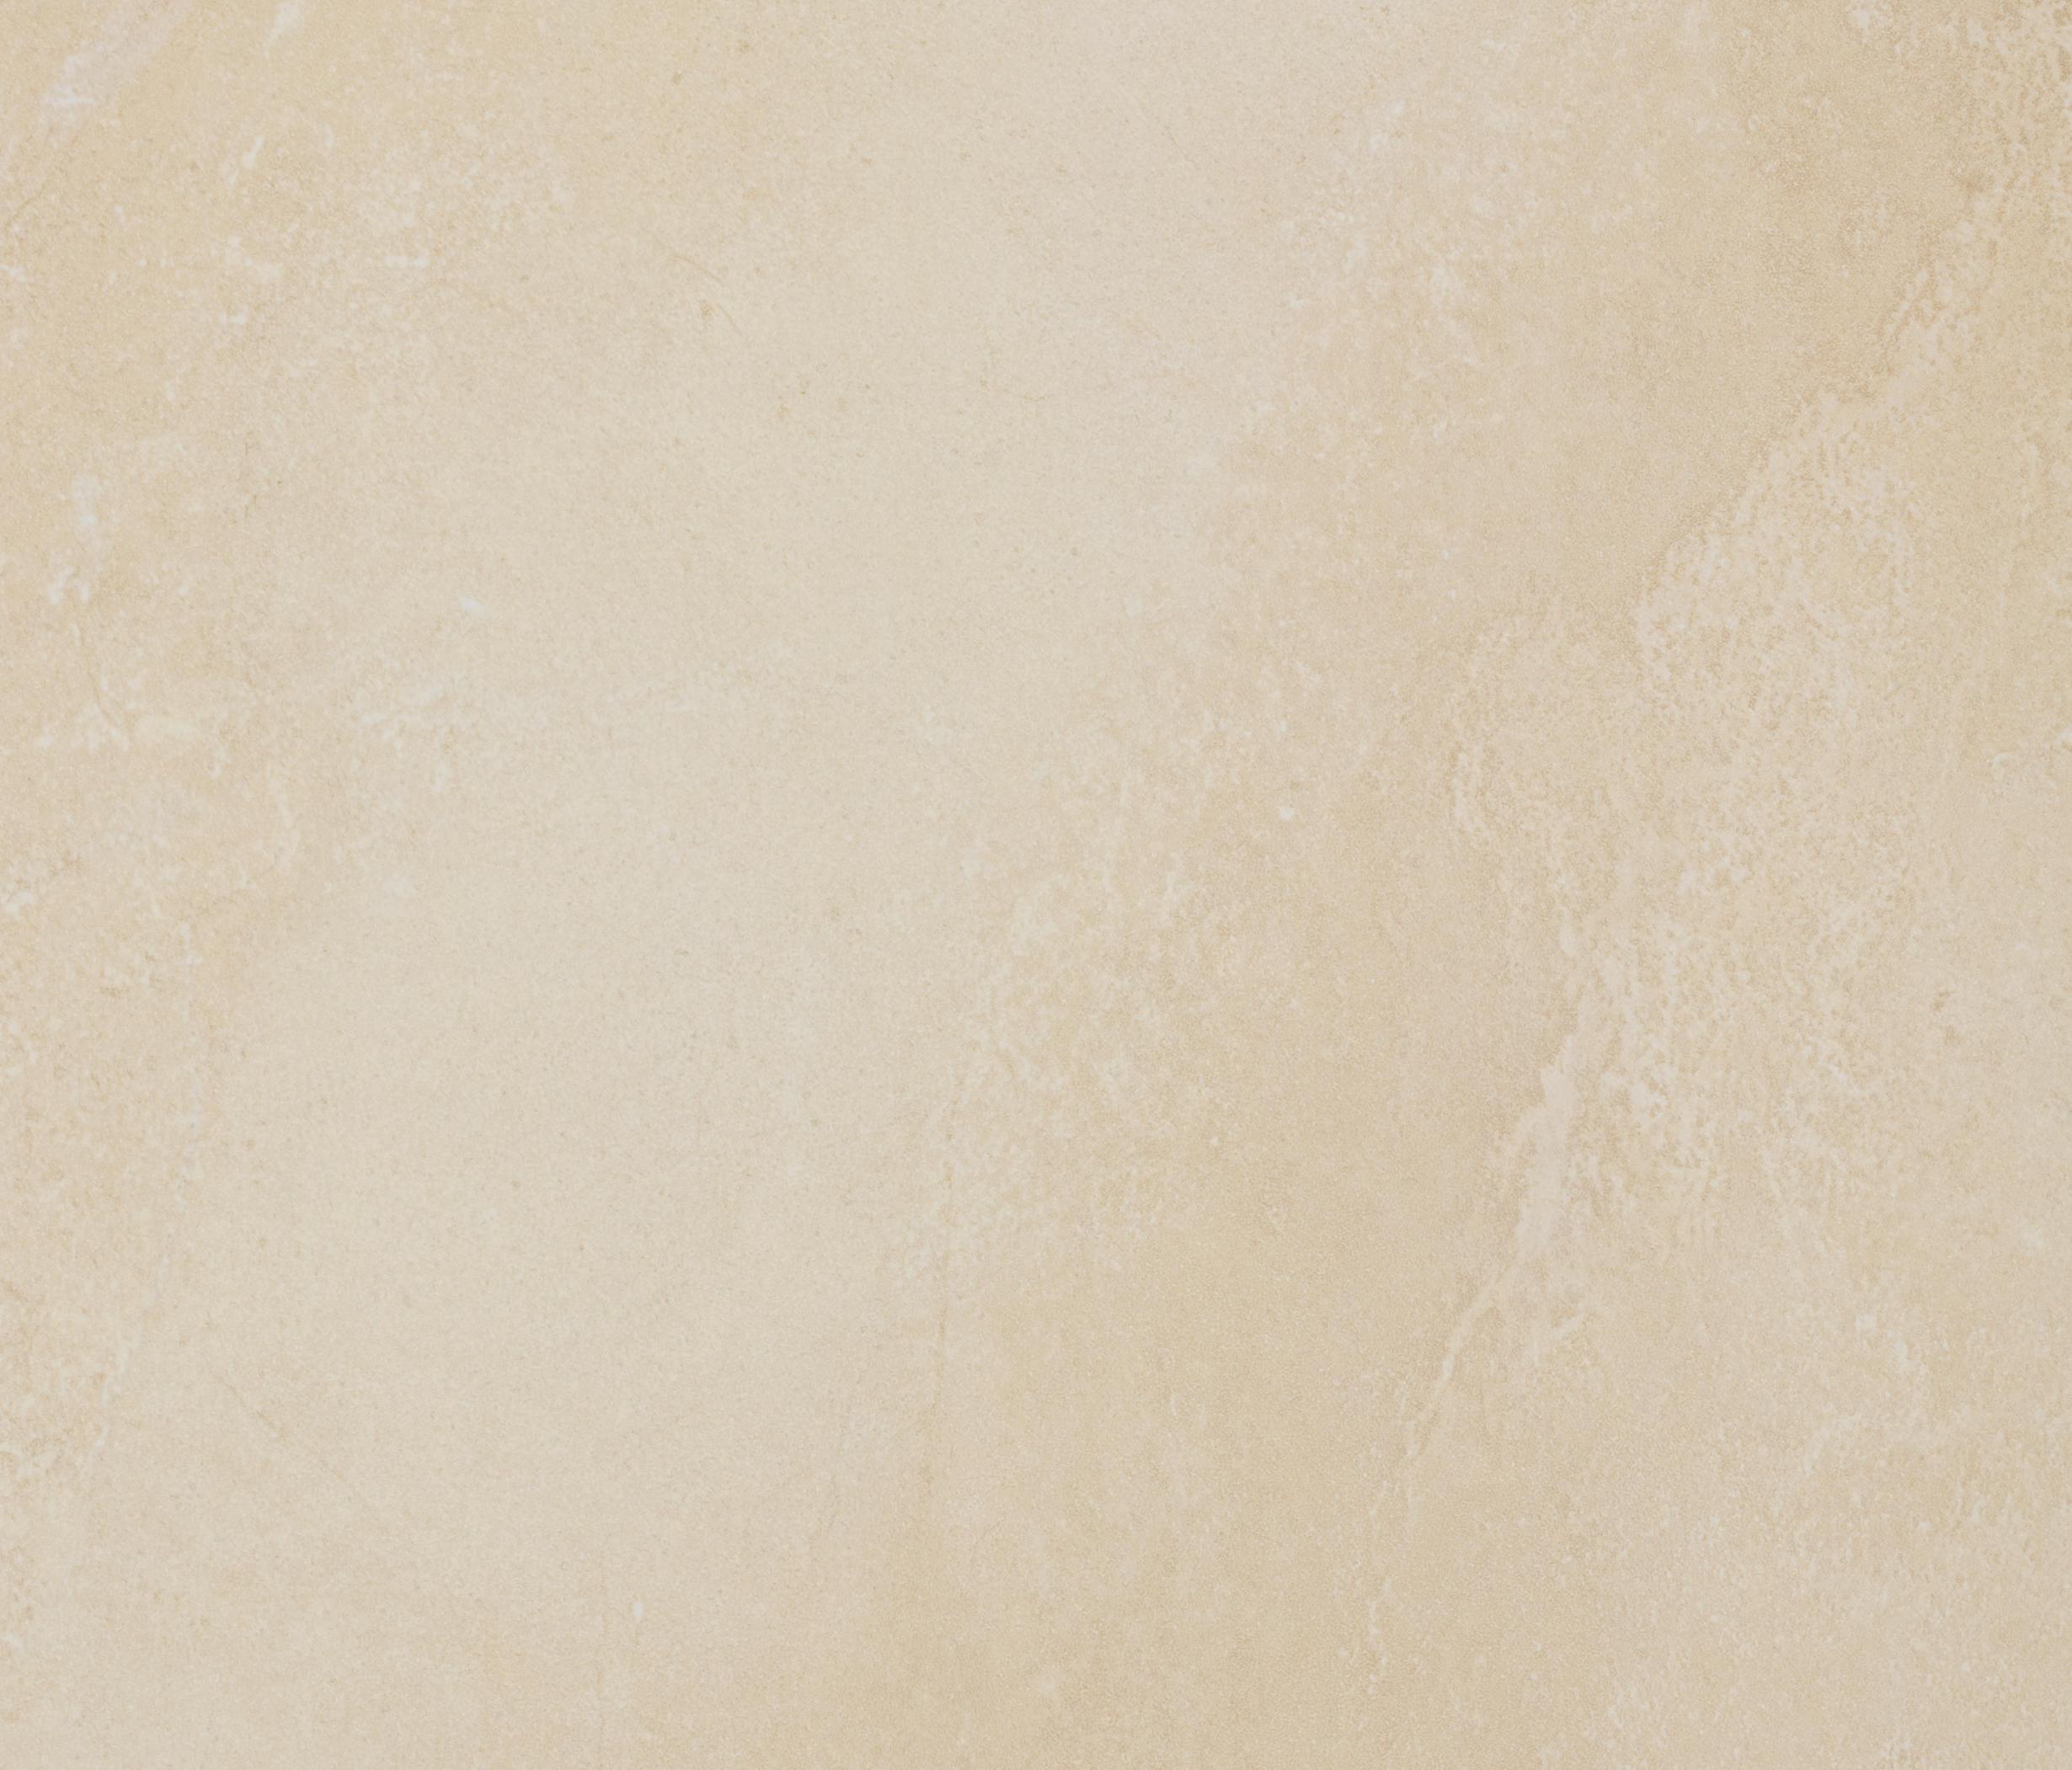 Vendôme-CR Beige - Bodenfliesen von VIVES Cerámica ...